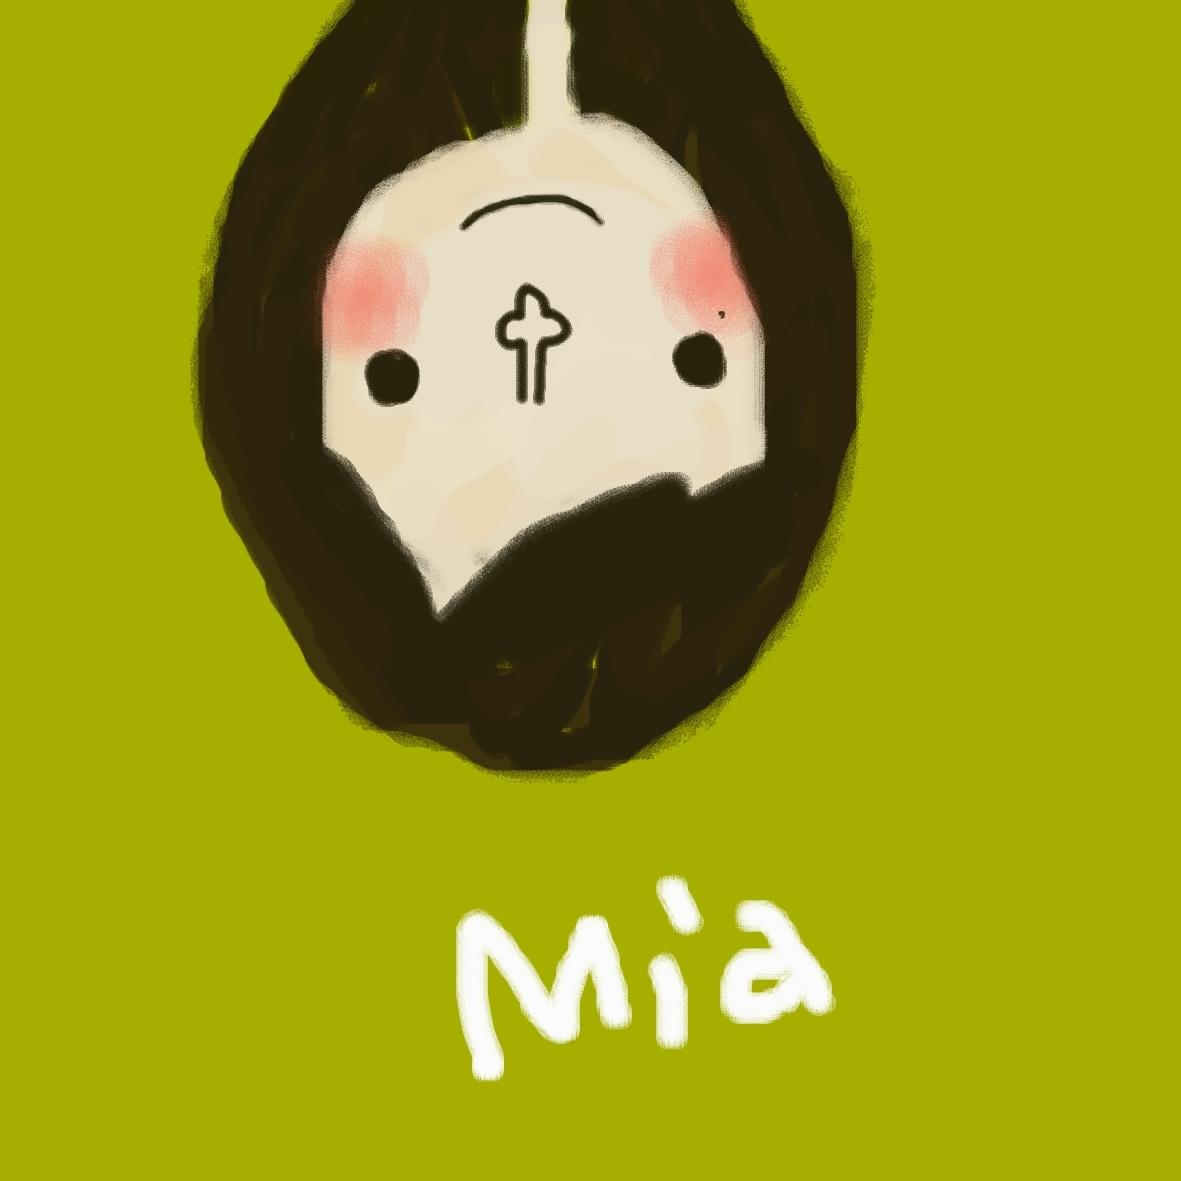 nmia2.jpg